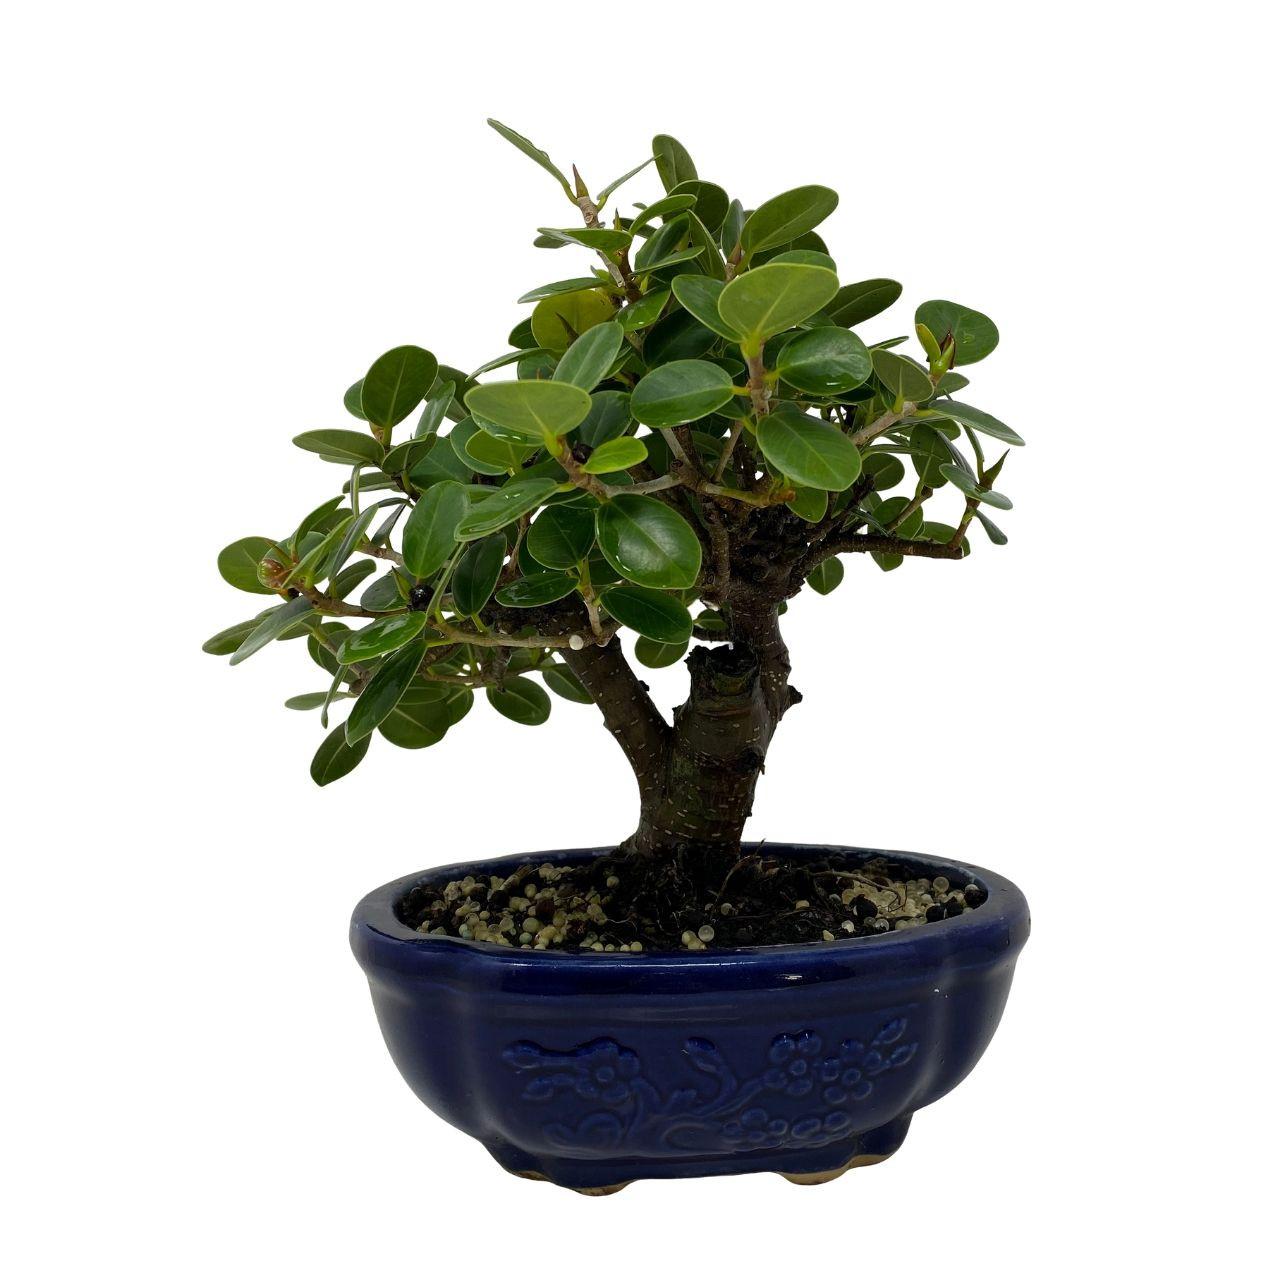 Green Island Ficus Bonsai Tree Nebgw Com